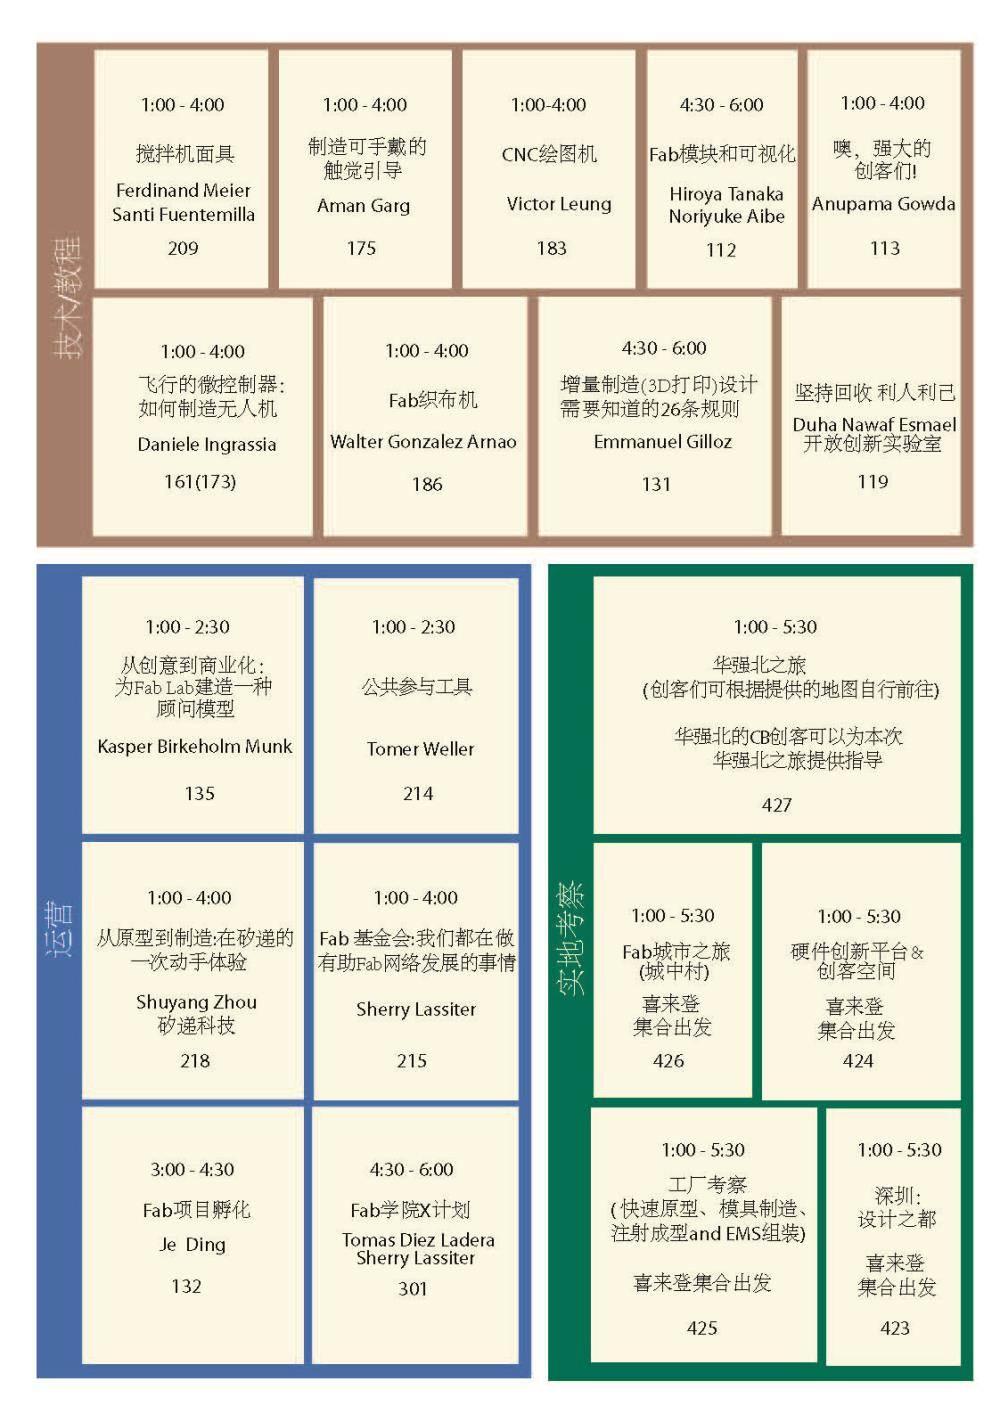 Fab12 日程安排表翻译版(721修改)_页面_3-1.jpg